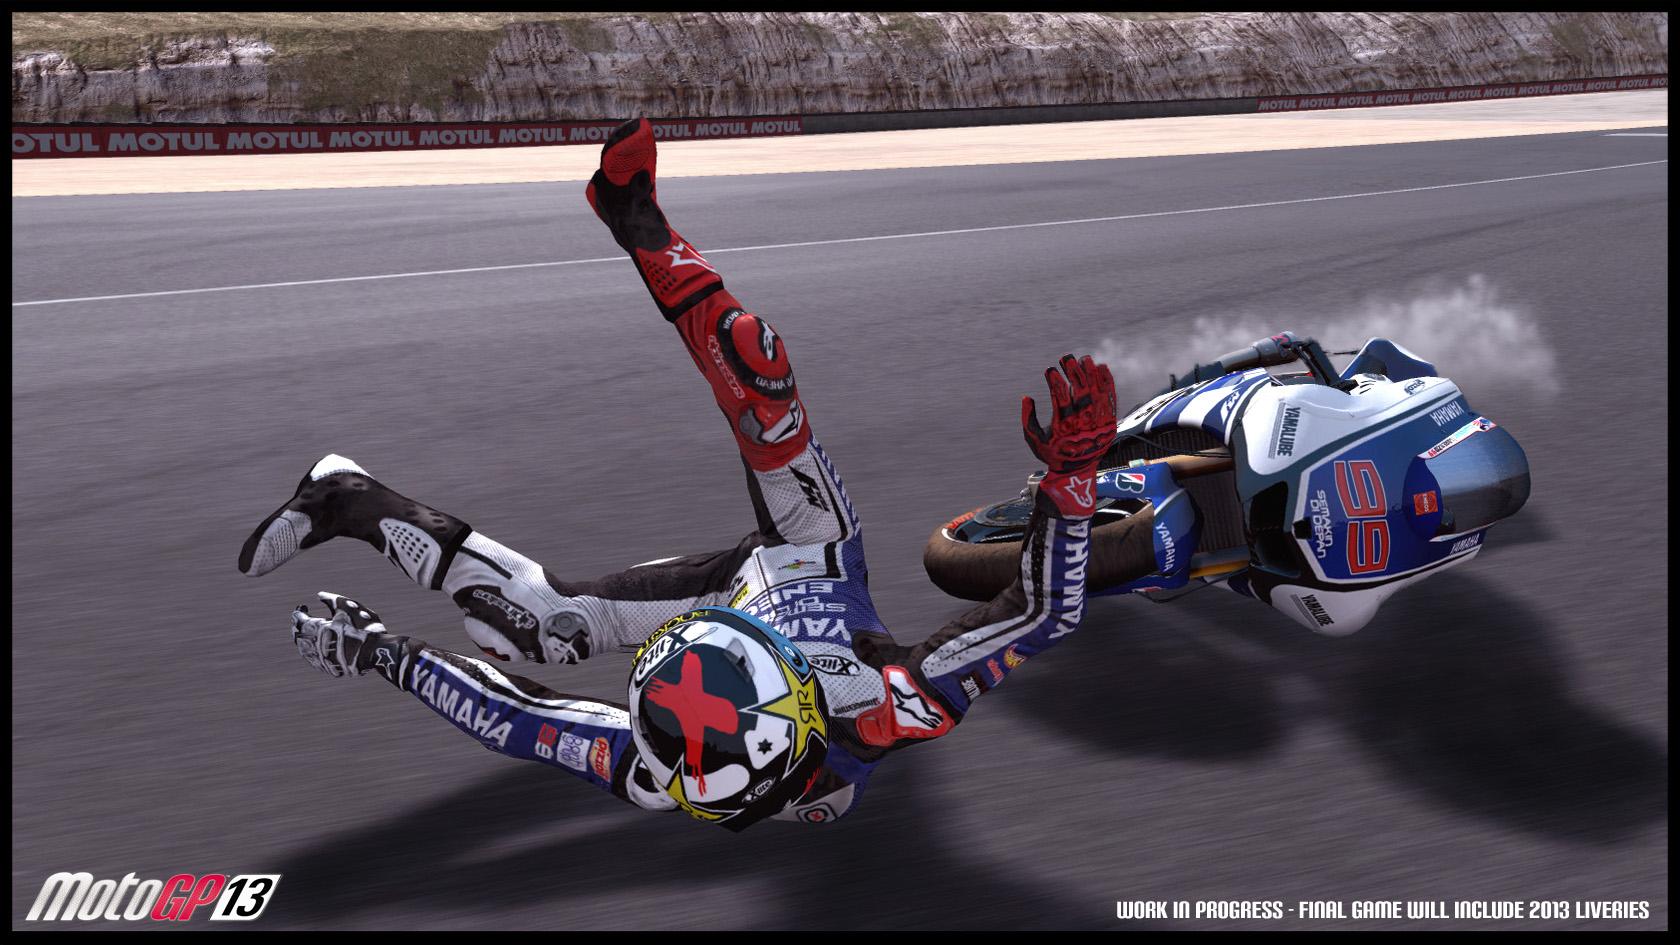 MotoGP 13 desktop wallpaper 26 of 73 Video Game Wallpaperscom 1680x945